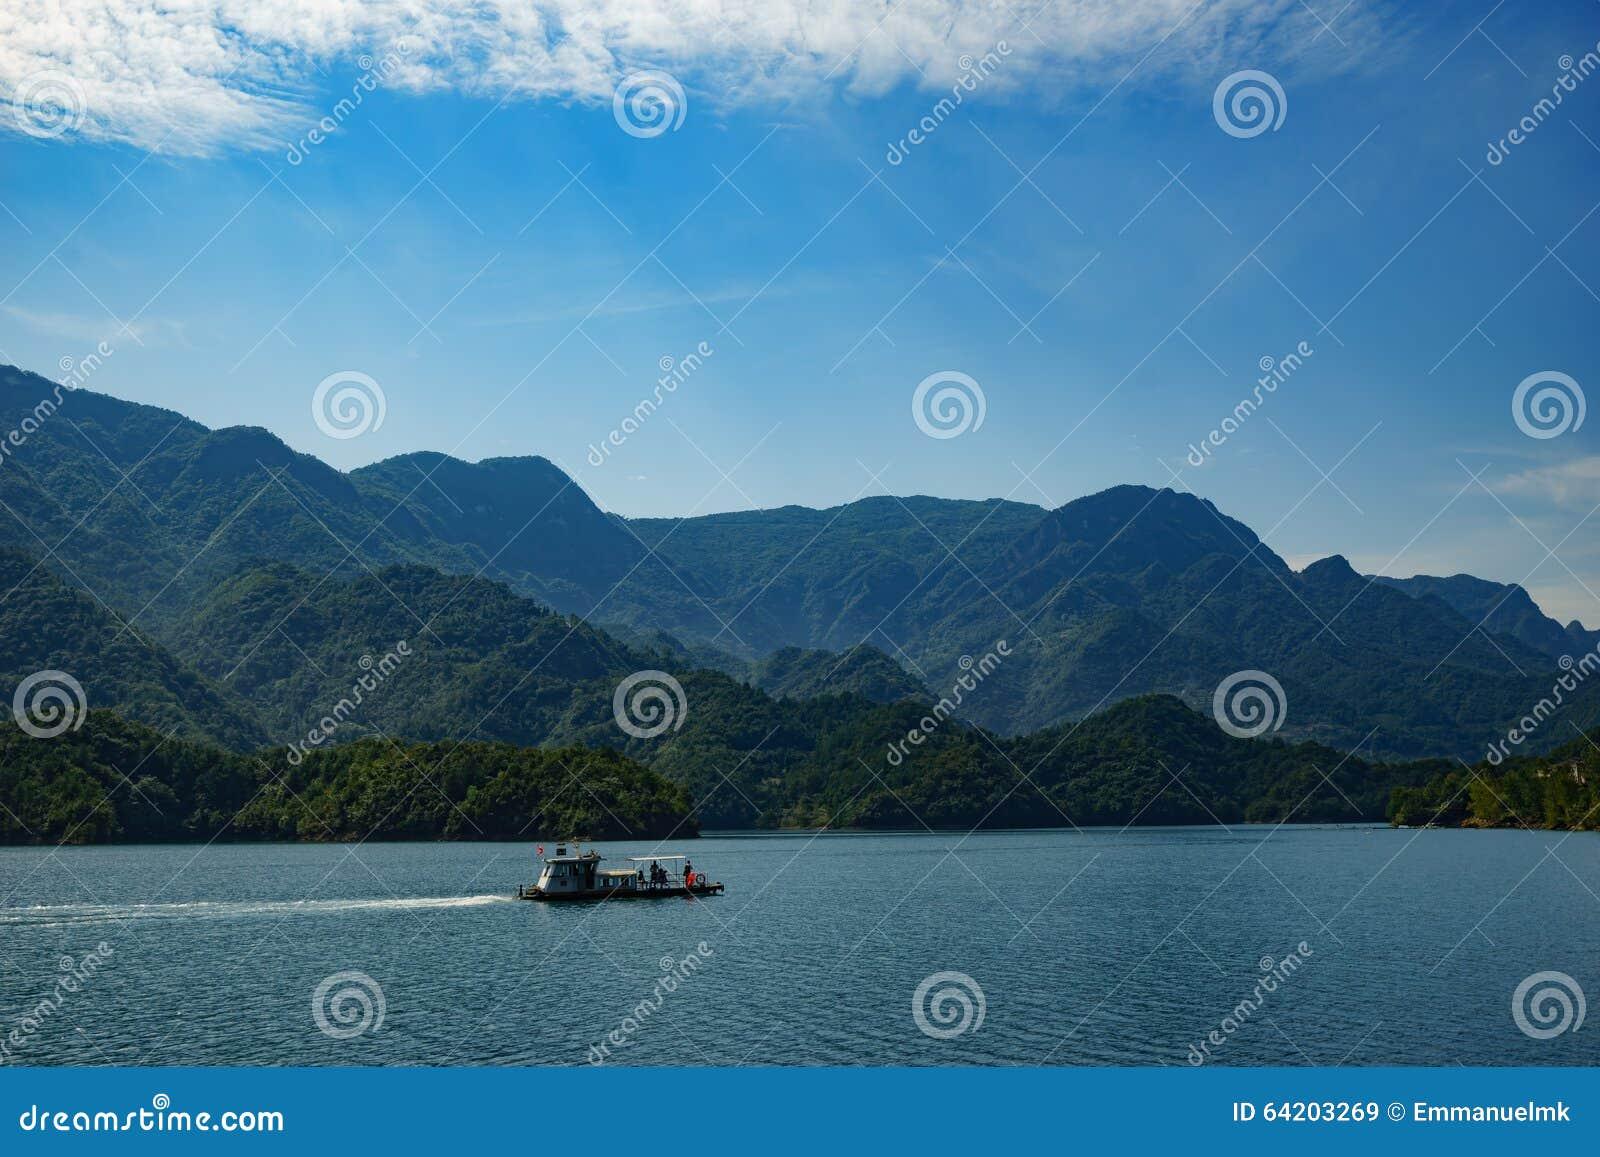 Río largo con un barco en él